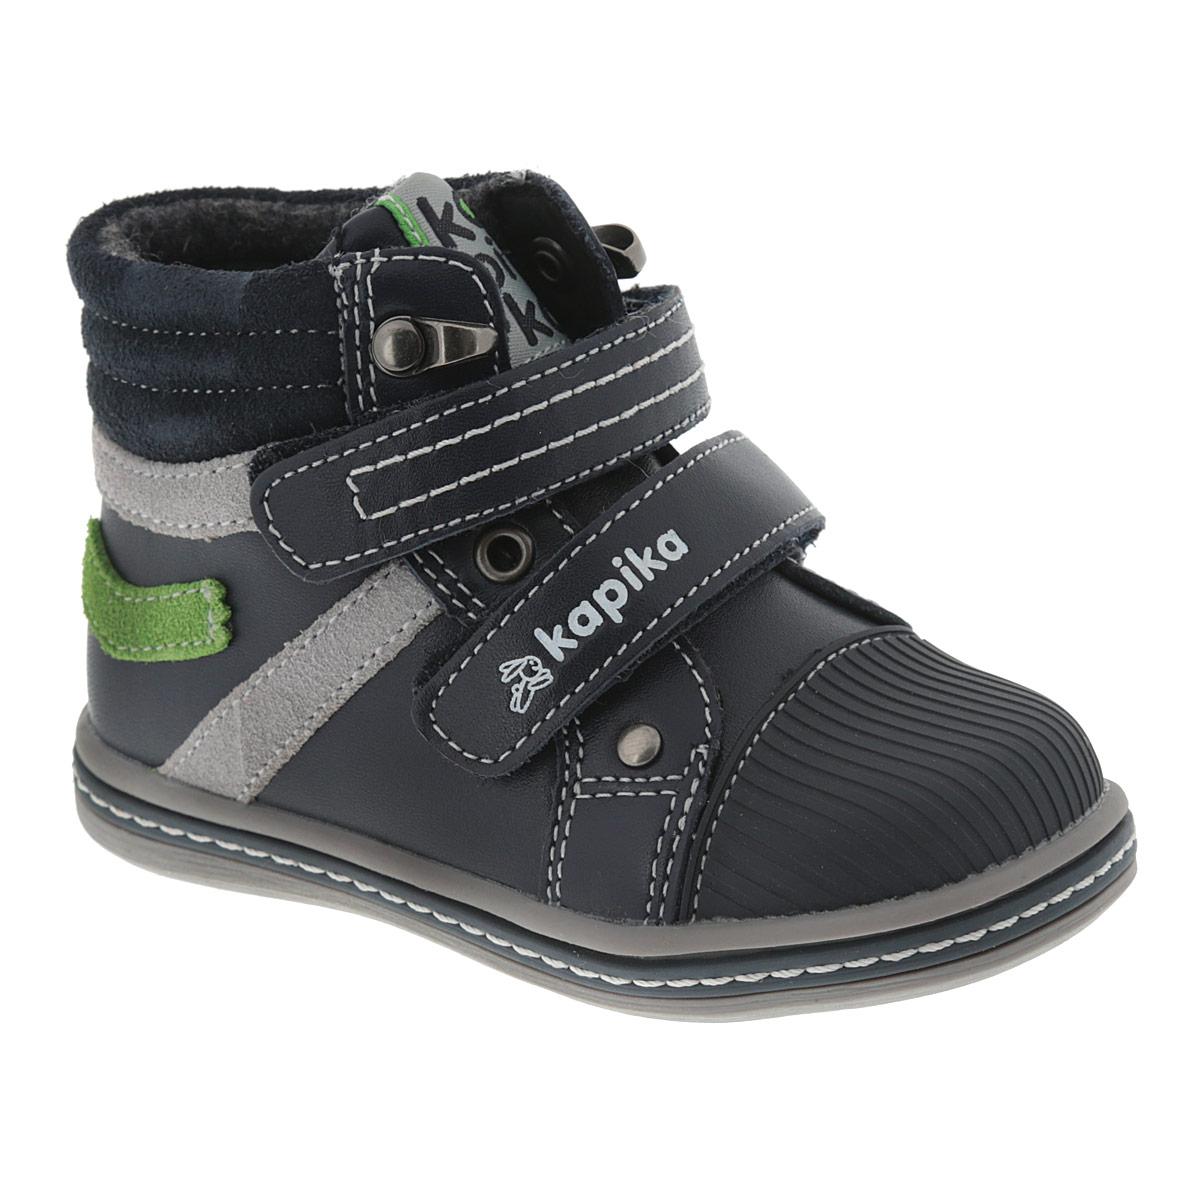 Ботинки для мальчика. 51089-151089-1Модные ботинки от Kapika приведут в восторг вашего мальчика! Модель выполнена из натуральной кожи с контрастными вставками из натуральной замши. Обувь оформлена декоративной прострочкой, на язычке - текстильной нашивкой с названием бренда. Два ремешка на застежках-липучках, расположенные поверх язычка изделия, надежно фиксируют ножку ребенка, не давая ей смещаться из стороны в сторону и назад. Прорезиненная вставка на мысе, оформленная фактурным тиснением, защищает детскую ножку от ударов. Мягкая подкладка и стелька, выполненные из текстиля с добавлением шерсти, согреют ножки вашего мальчика в холодную погоду. Подошва с рифлением защищает изделие от скольжения. Удобные ботинки - необходимая вещь в гардеробе каждого ребенка.